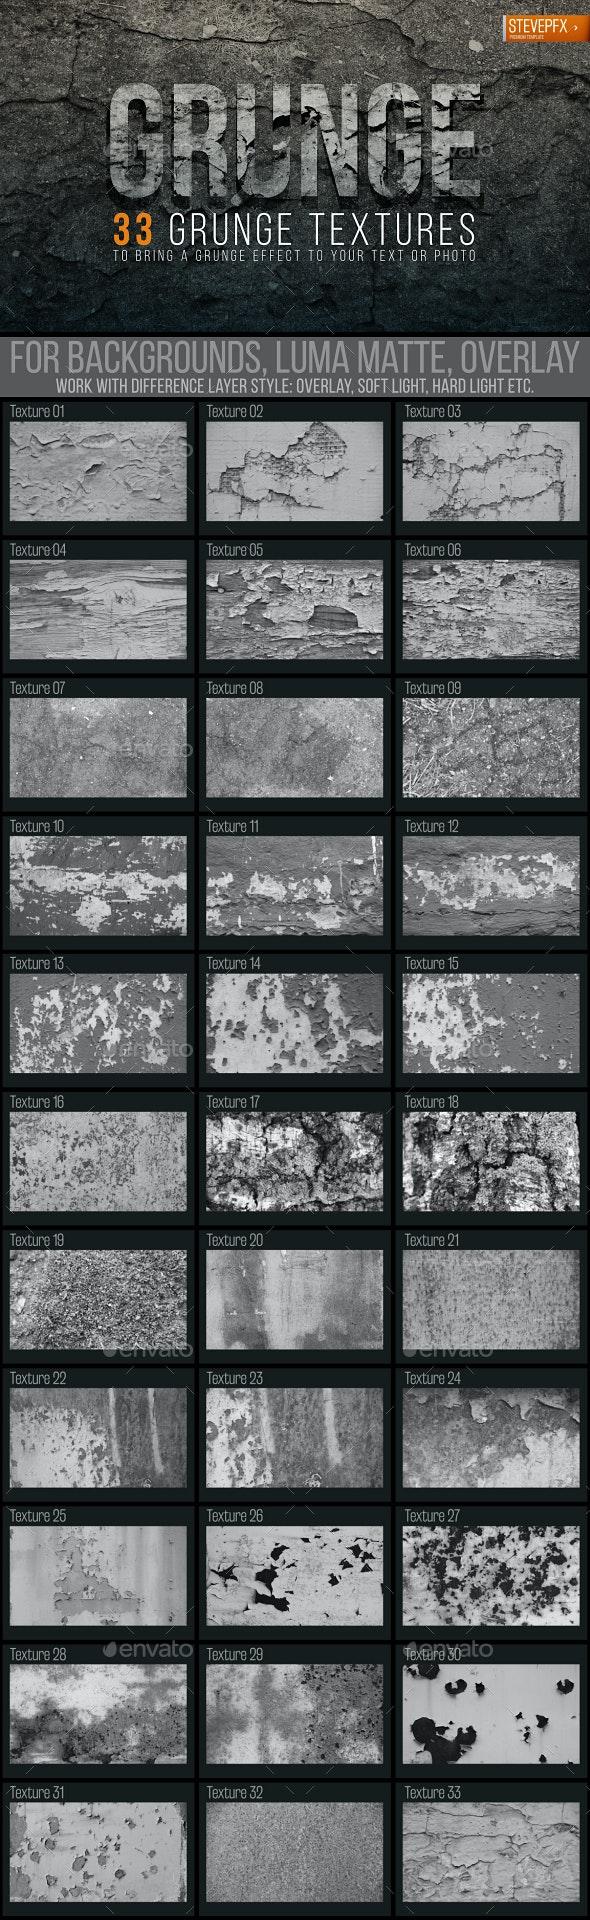 33 Grunge Textures - Industrial / Grunge Textures